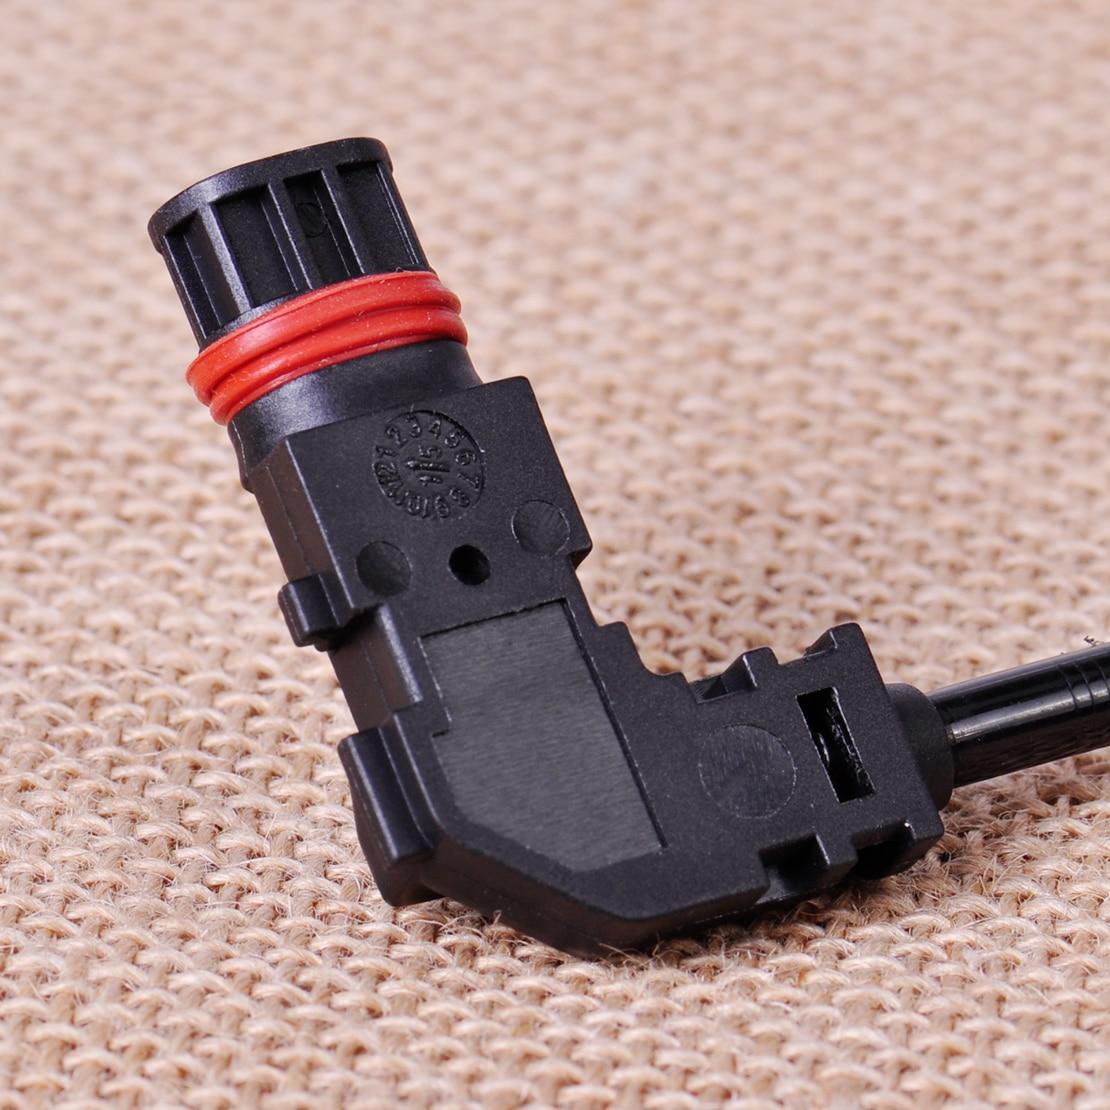 CITALL Front ABS Raddrehzahlsensor 1645400917 ALS376 5S11053 SU12506 für Mercedes Benz W164 GL320 GL450 ML63 ML320 ML550 ML350